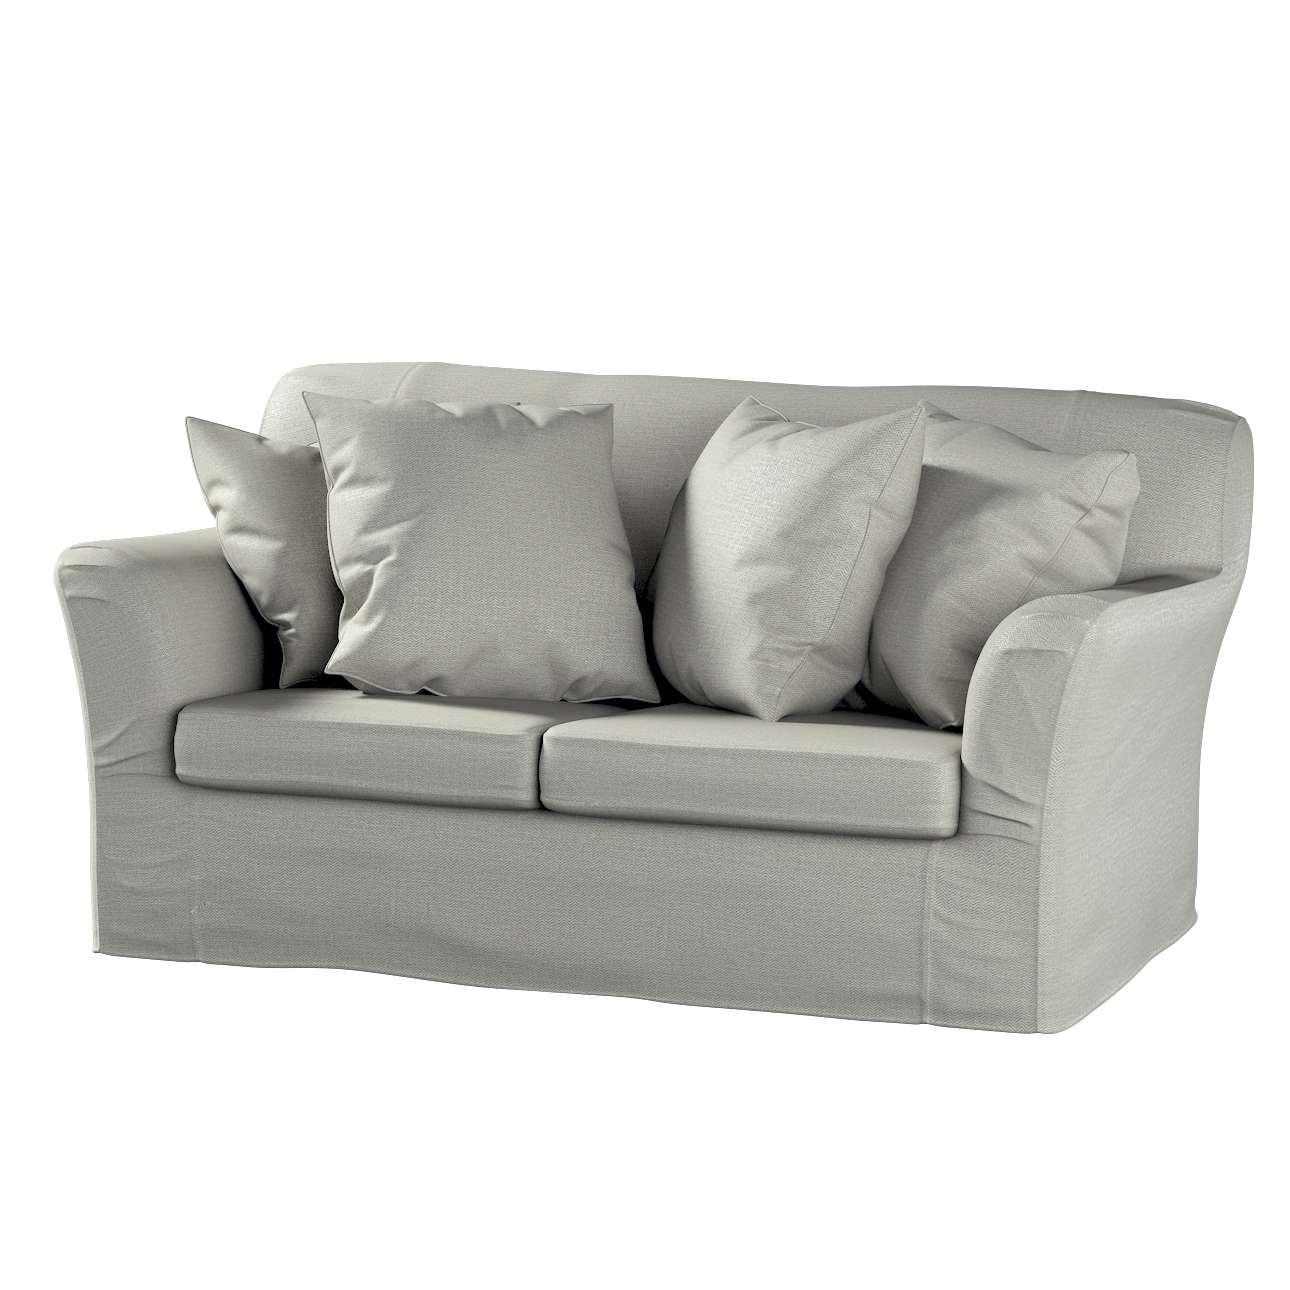 Pokrowiec na sofę Tomelilla 2-osobową nierozkładaną w kolekcji Bergen, tkanina: 161-83